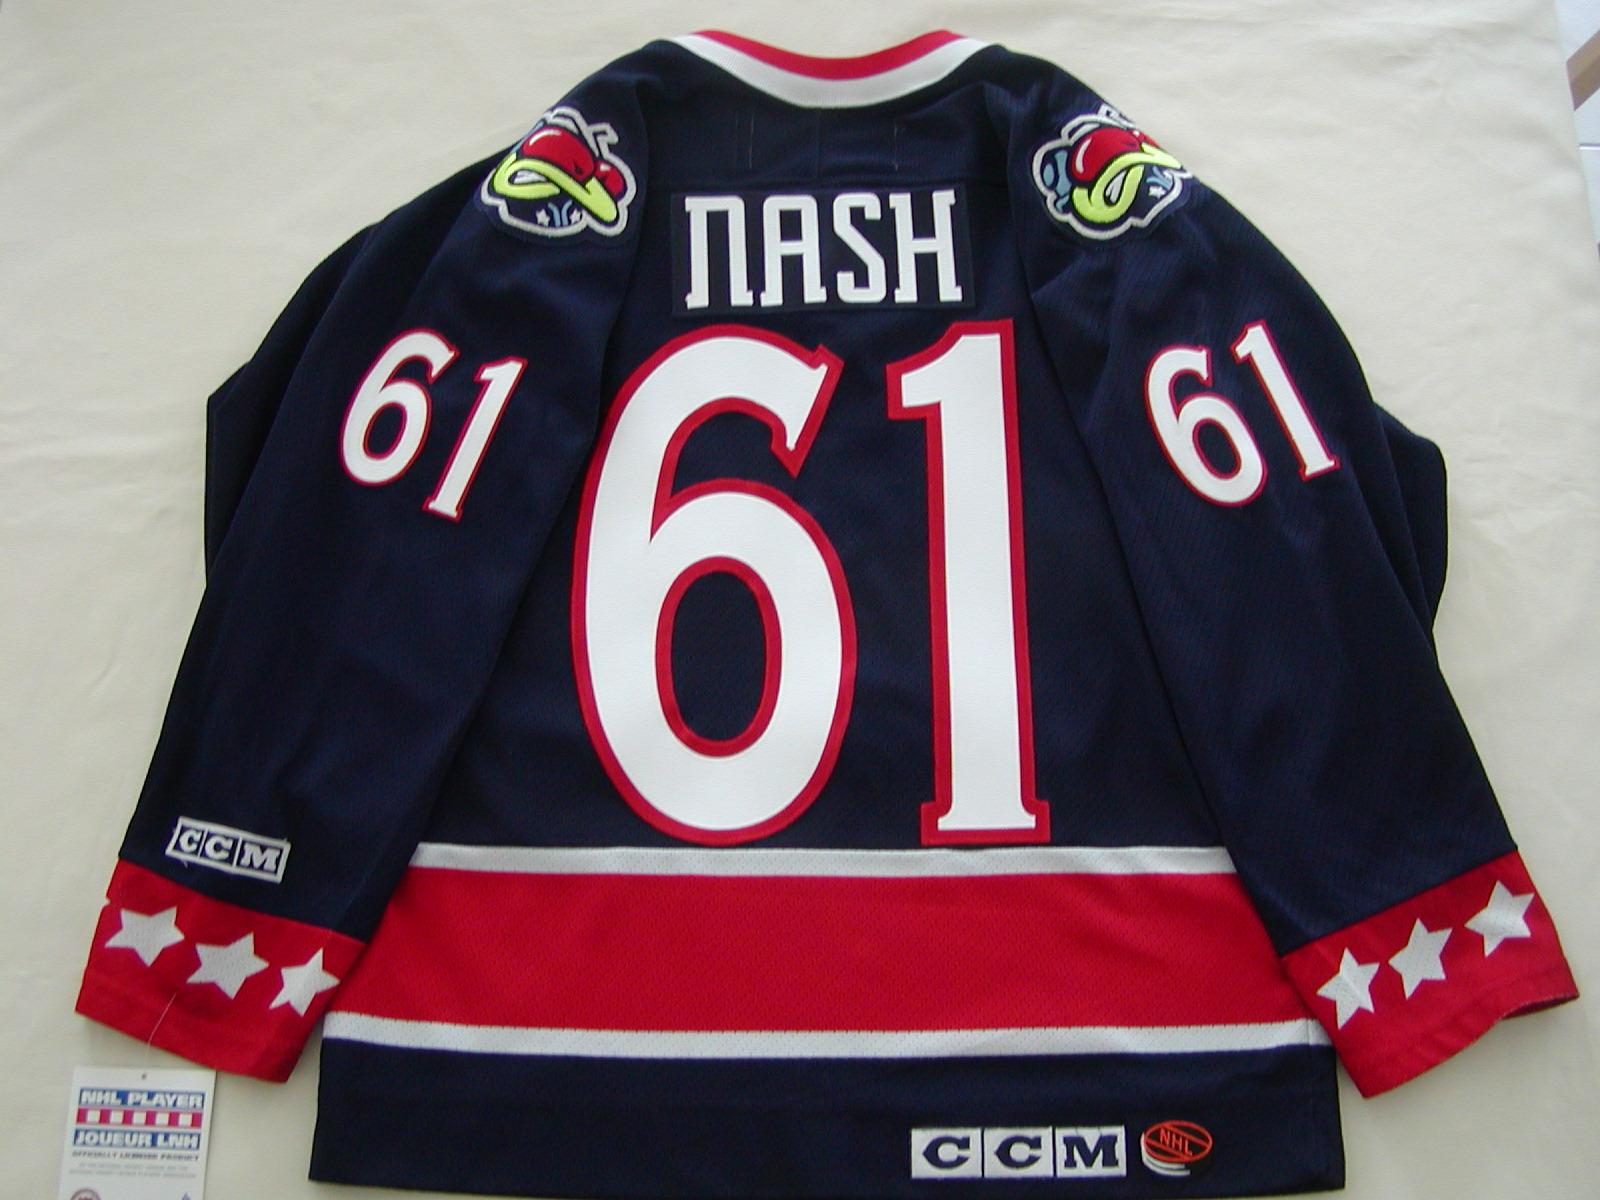 Columbus Blue Jackets - NASH 61